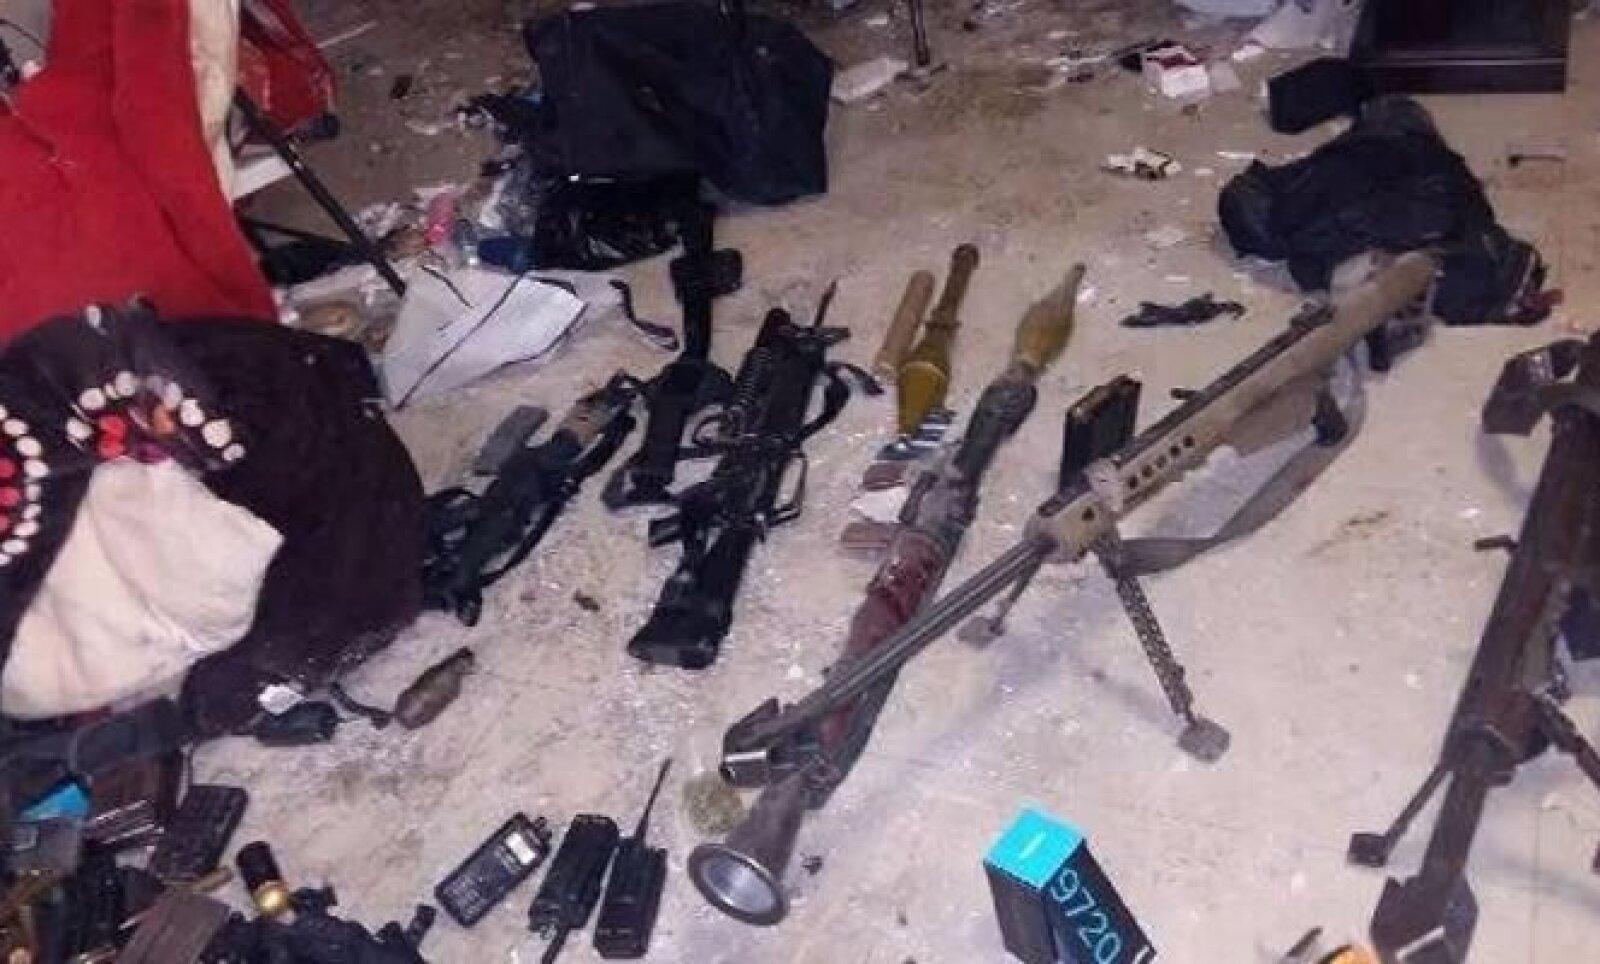 En el operativo también fueron confiscados dos vehículos blindados, armas de fuego y un lanzacohetes, detalló la dependencia en un comunicado emitido el viernes.